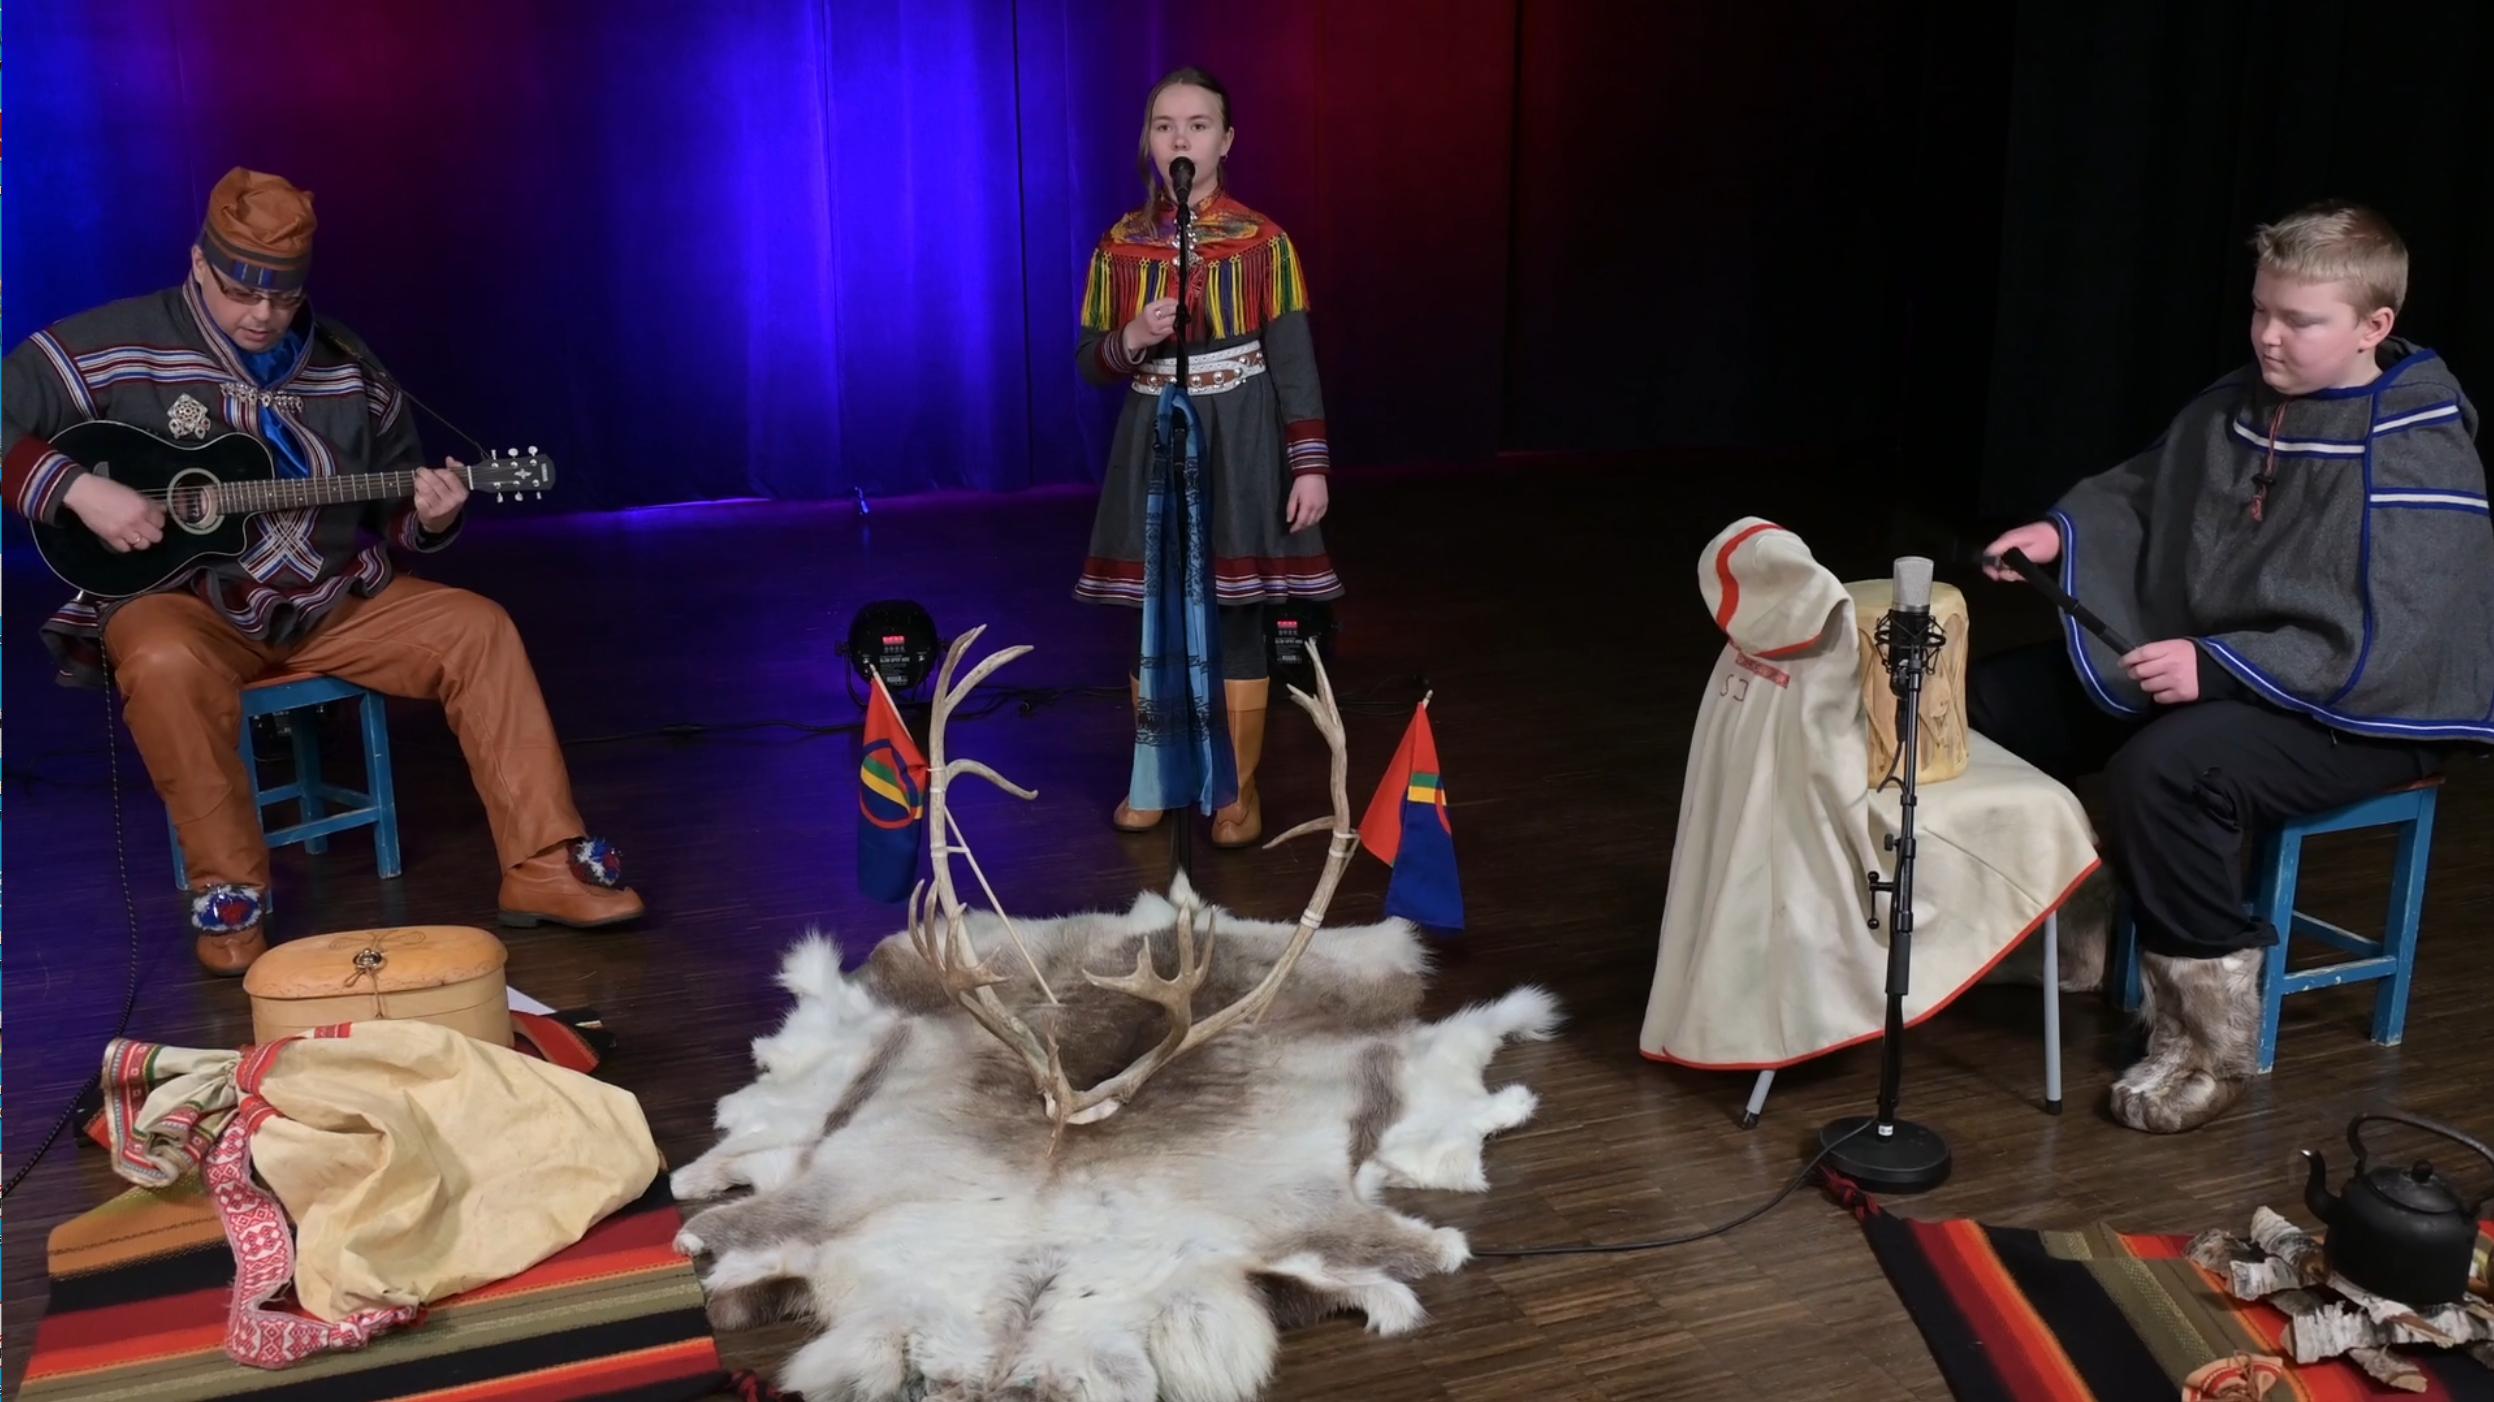 Nordreisa kulturskole feirer samenes nasjonaldag